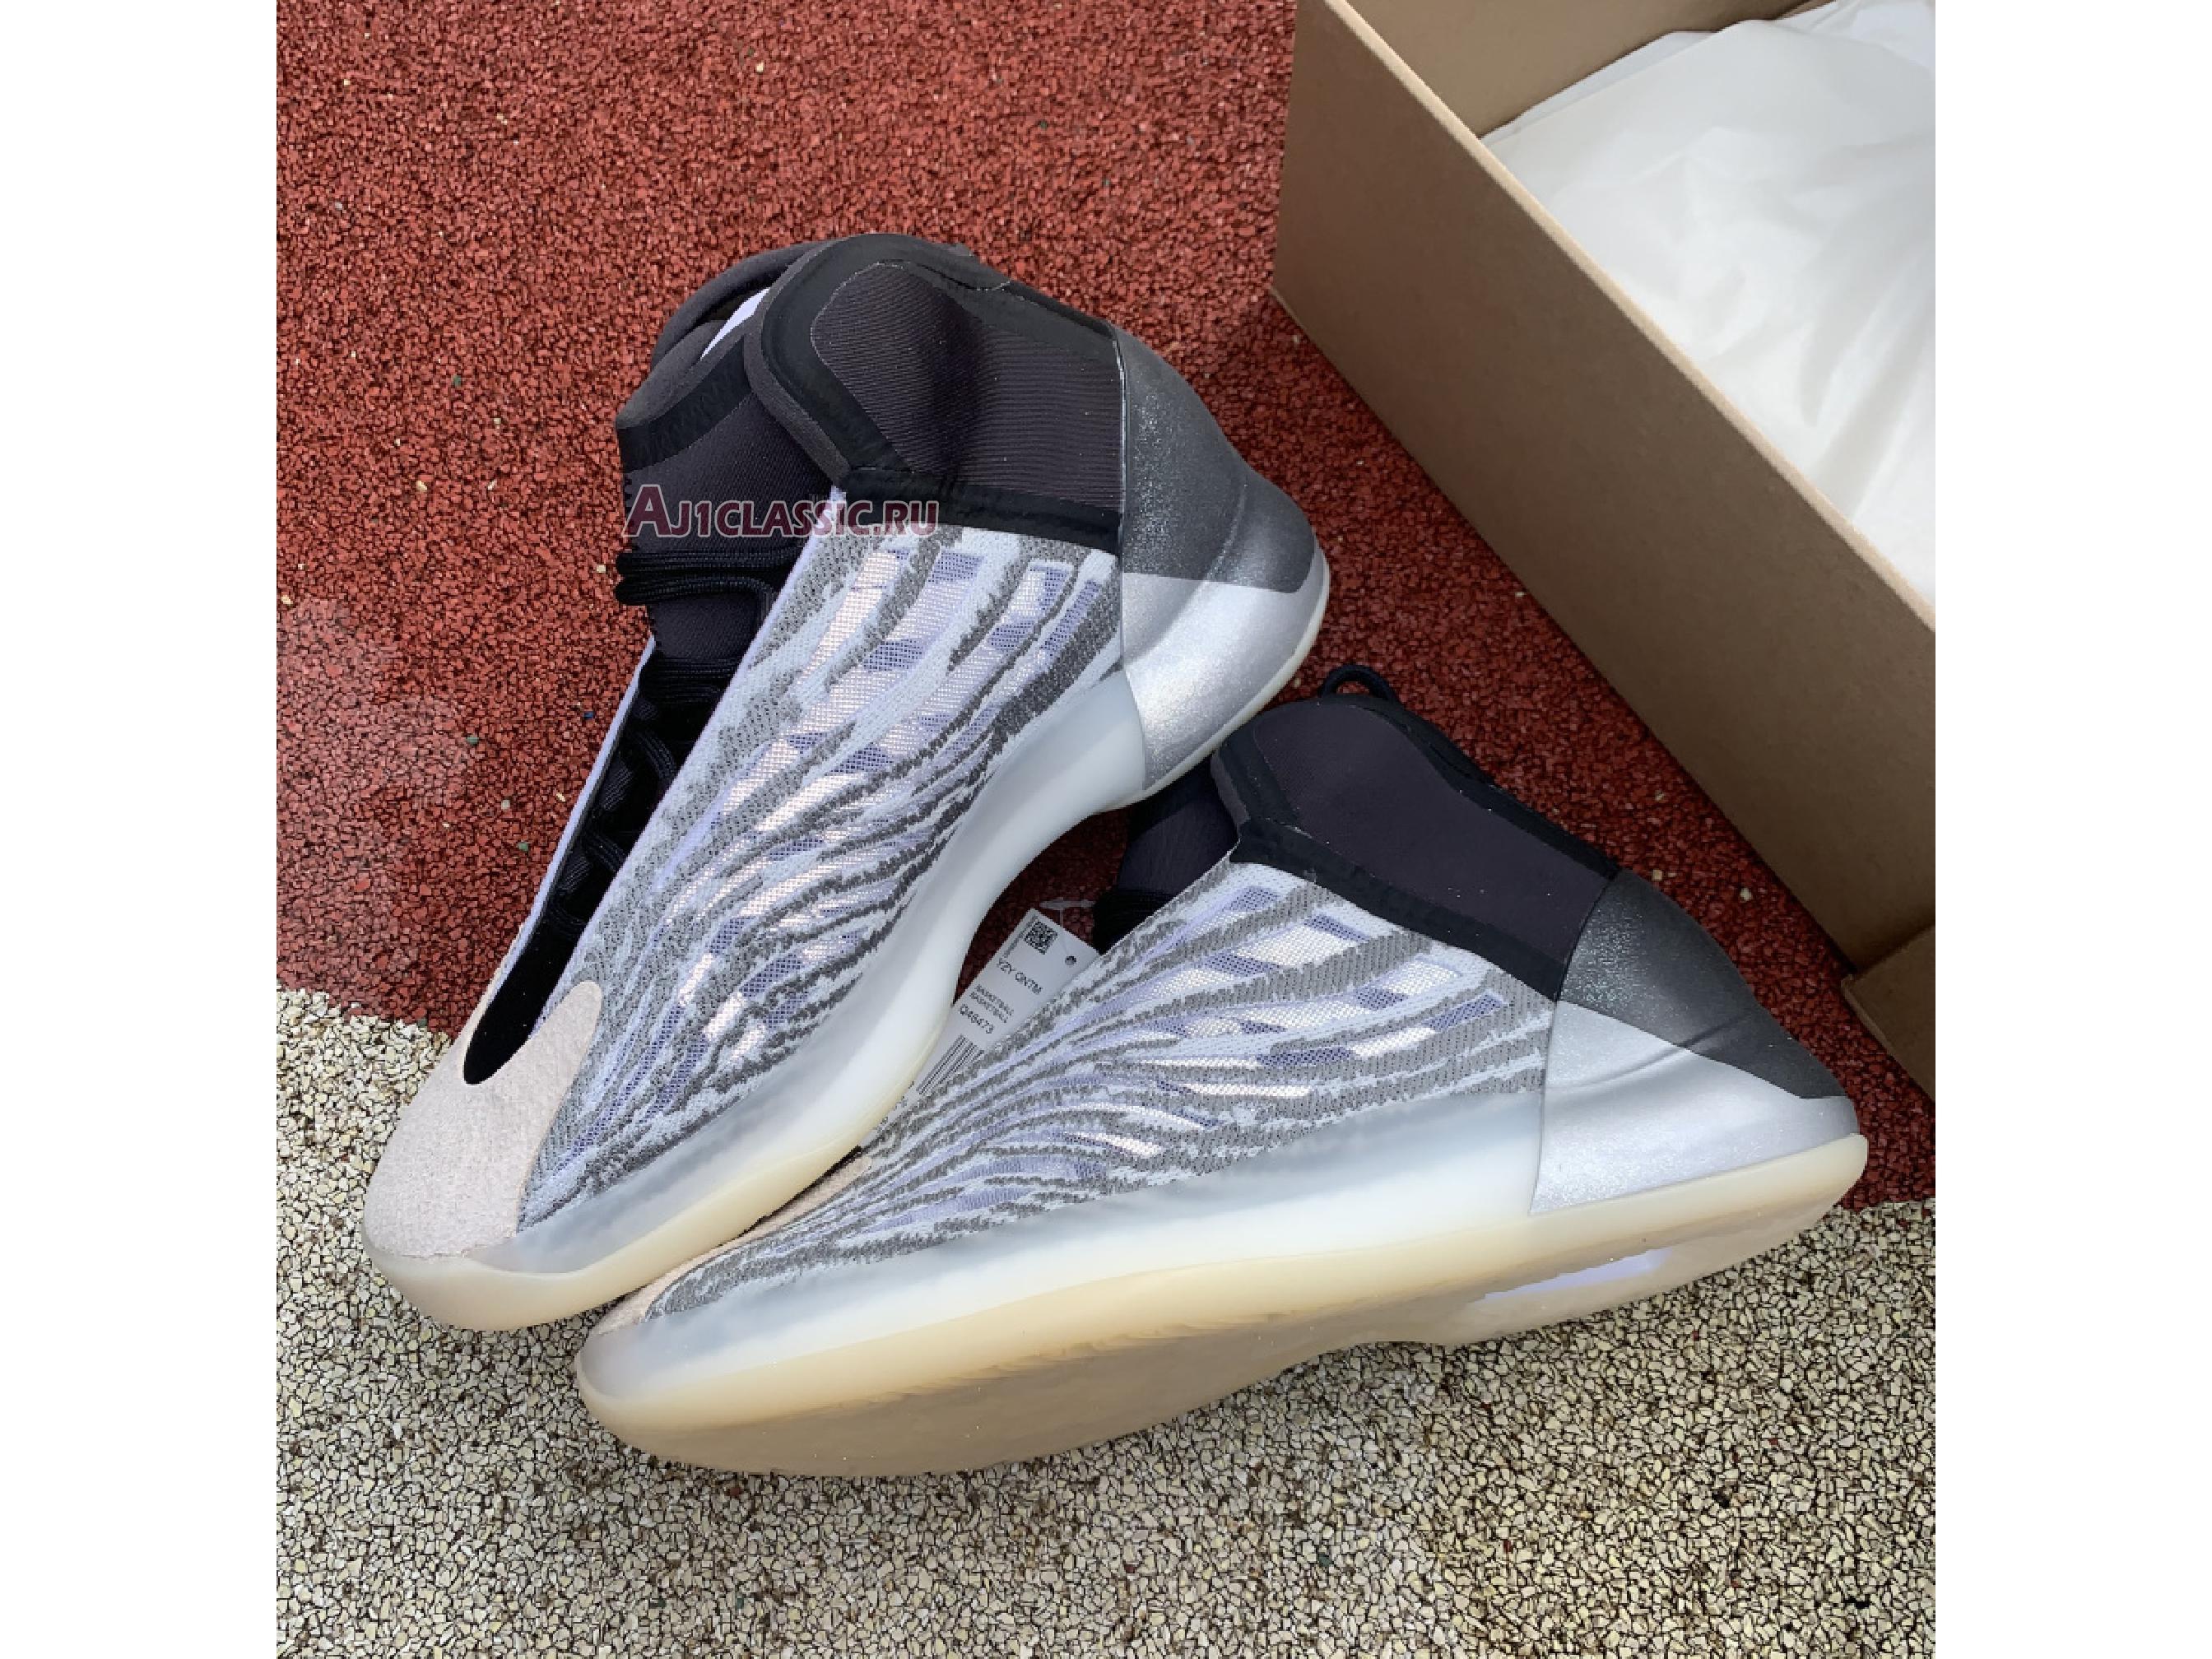 Adidas Yeezy QNTM Quantum Basketball Q46473